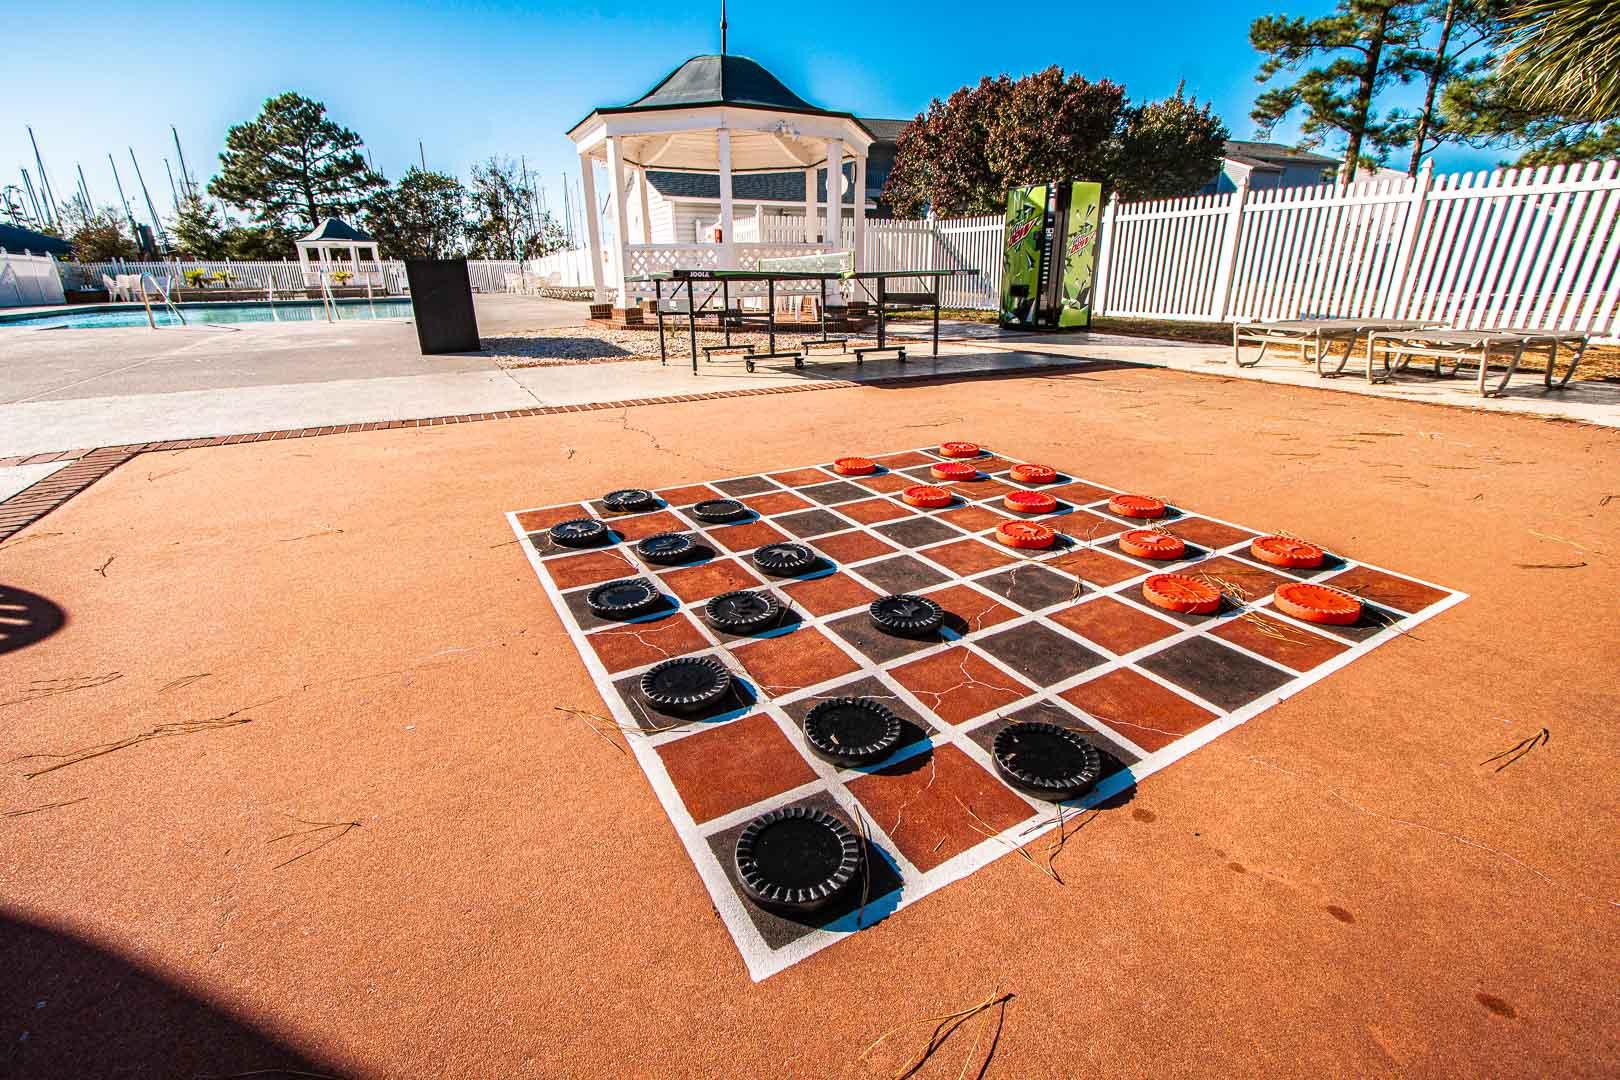 Jumbo outdoor checker board  at VRI's Sandcastle Village in New Bern, North Carolina.